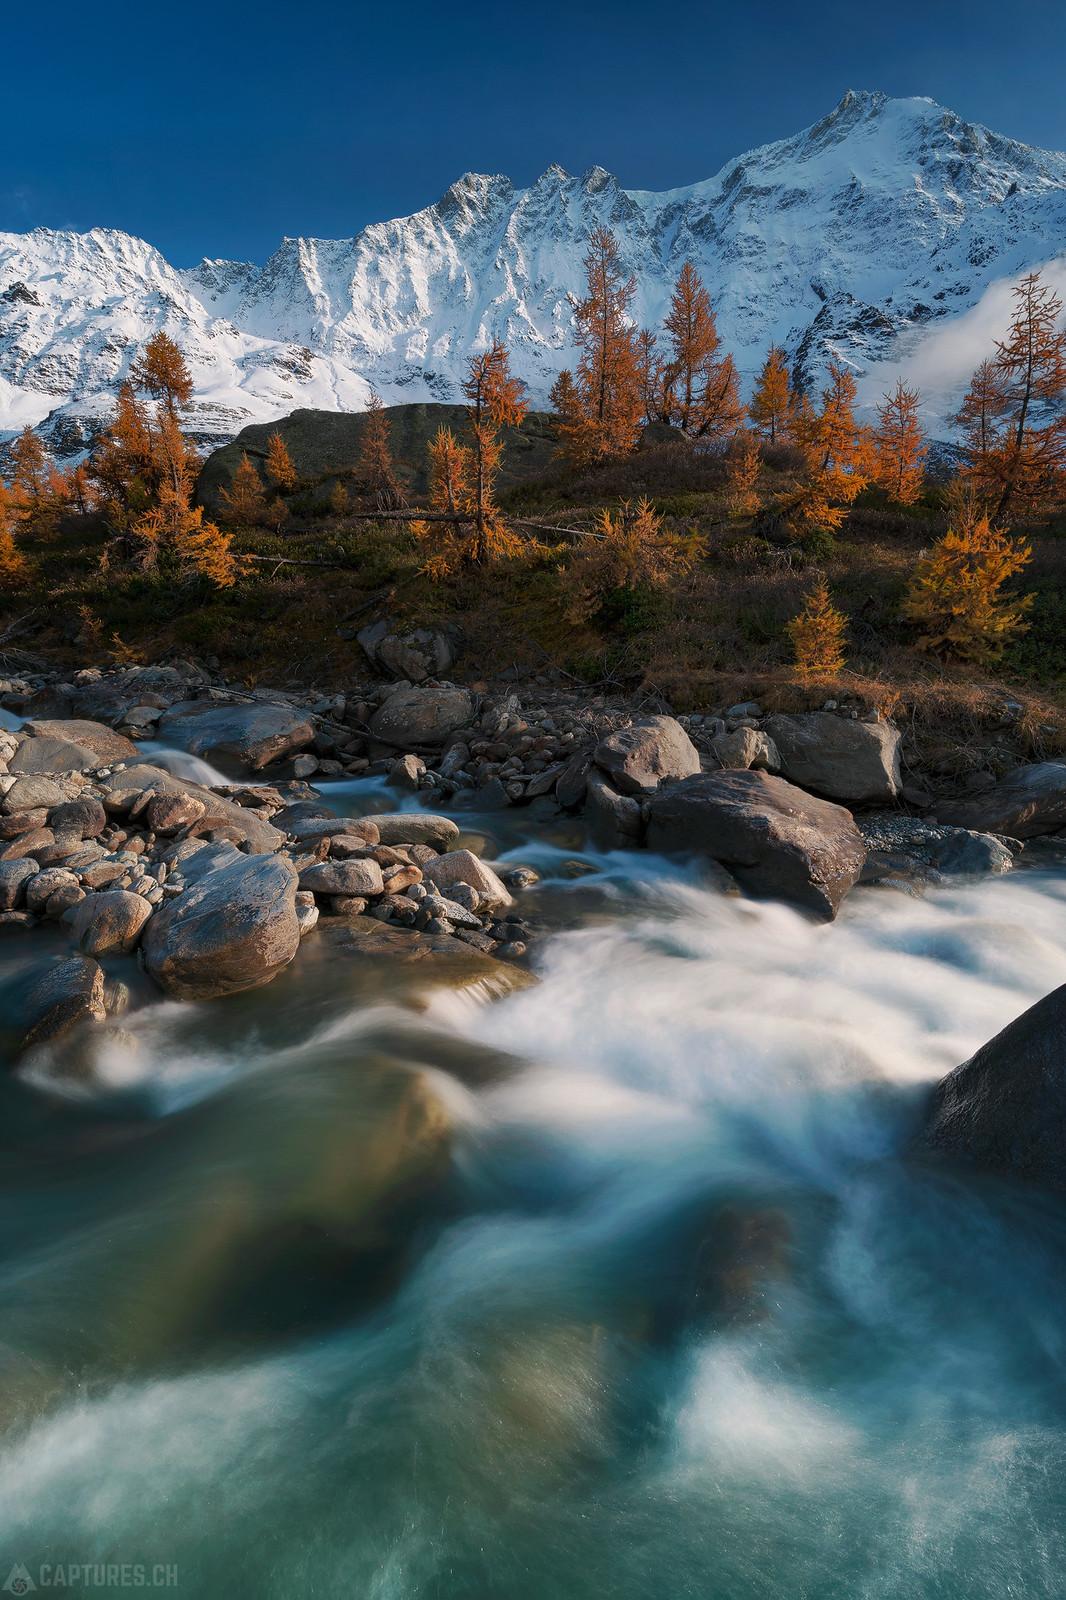 River - Lötschental